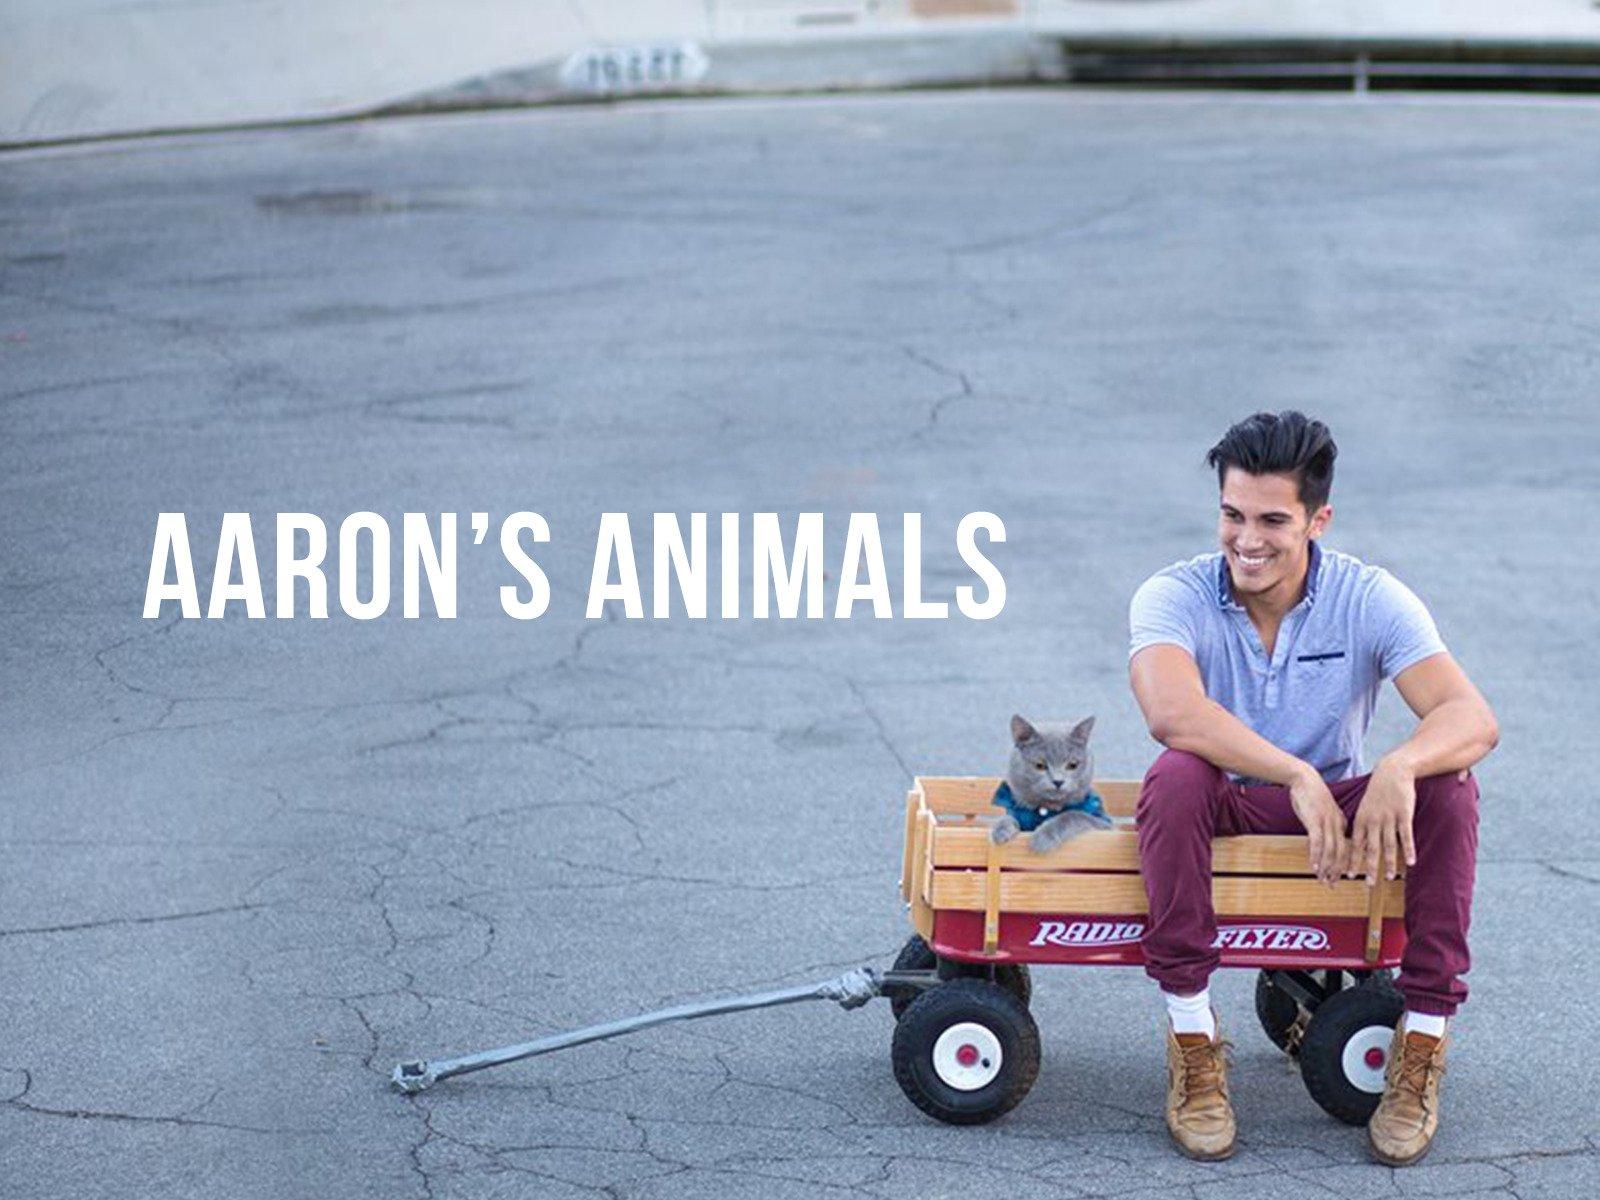 Aaron's Animals - Season 2